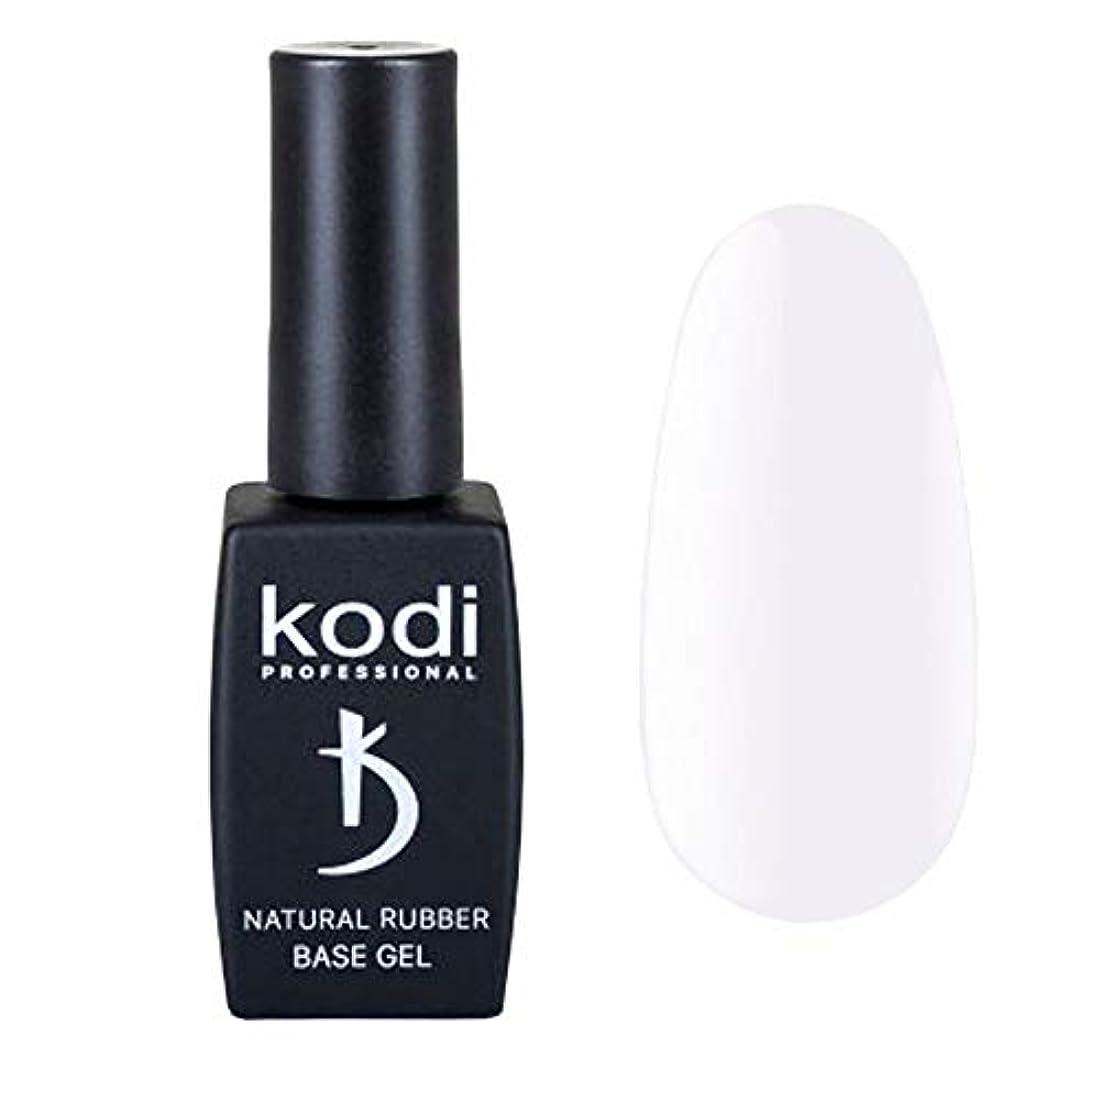 ファブリックポータル起こるKodi Professional New Collection BW White #10 Color Gel Nail Polish 12ml 0.42 Fl Oz LED UV Genuine Soak Off